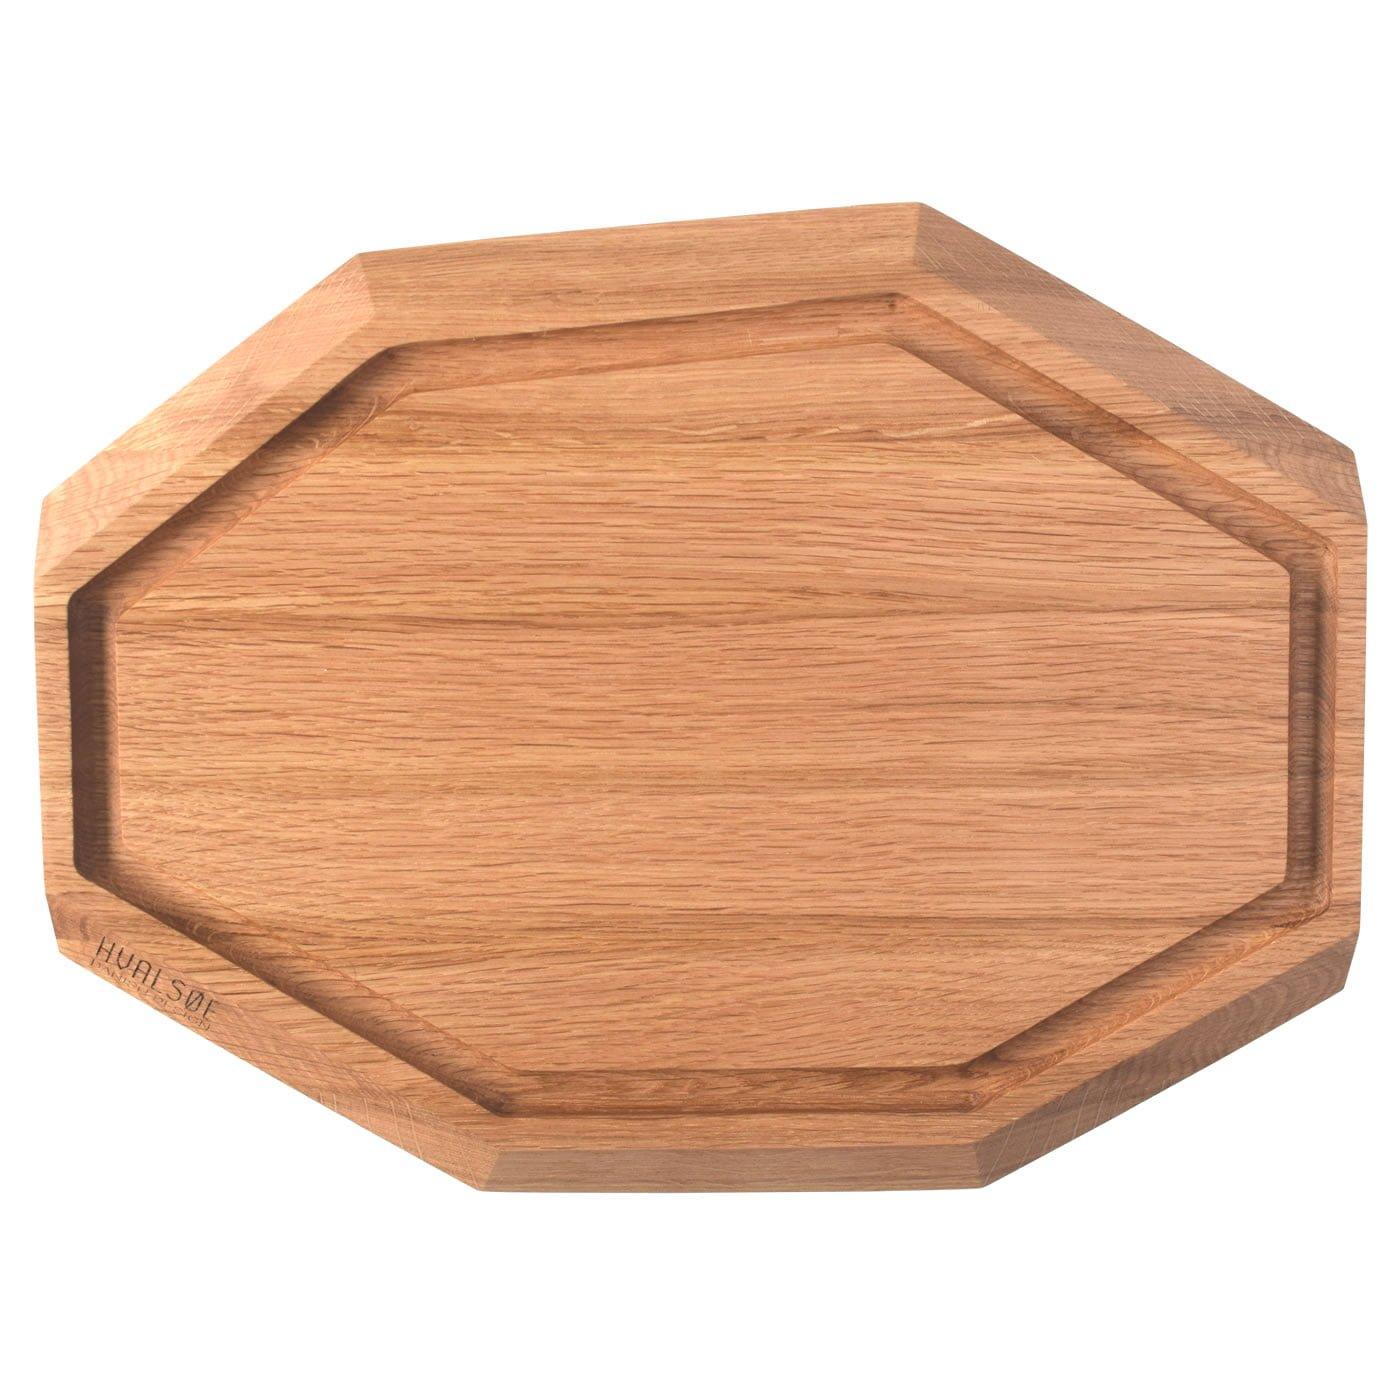 Image of   Skærebræt i træ - Egetræ